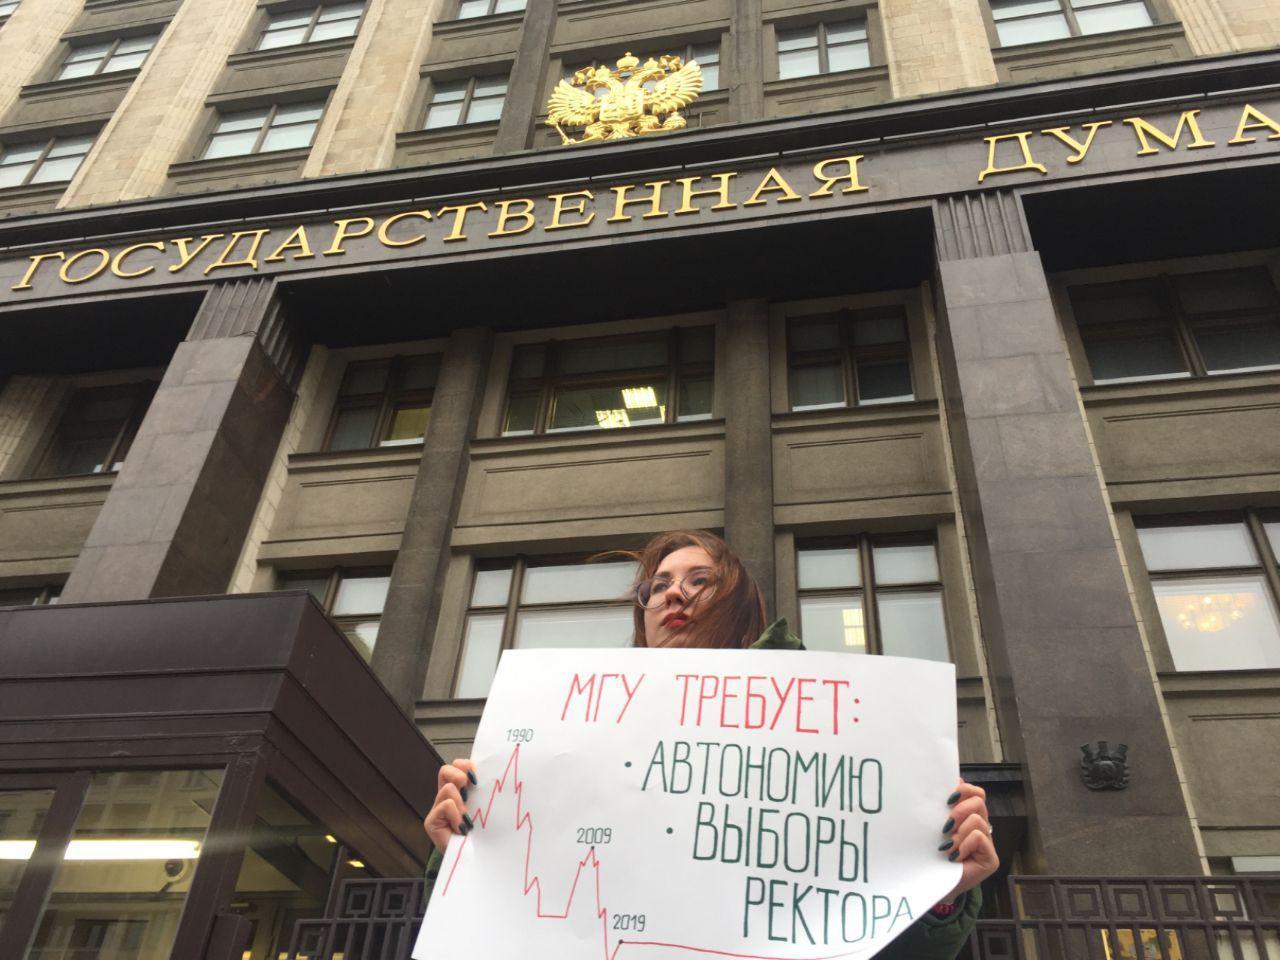 Одиночный пикет возле здания Госдумы 20 ноября. Фото Инициативной группы МГУ